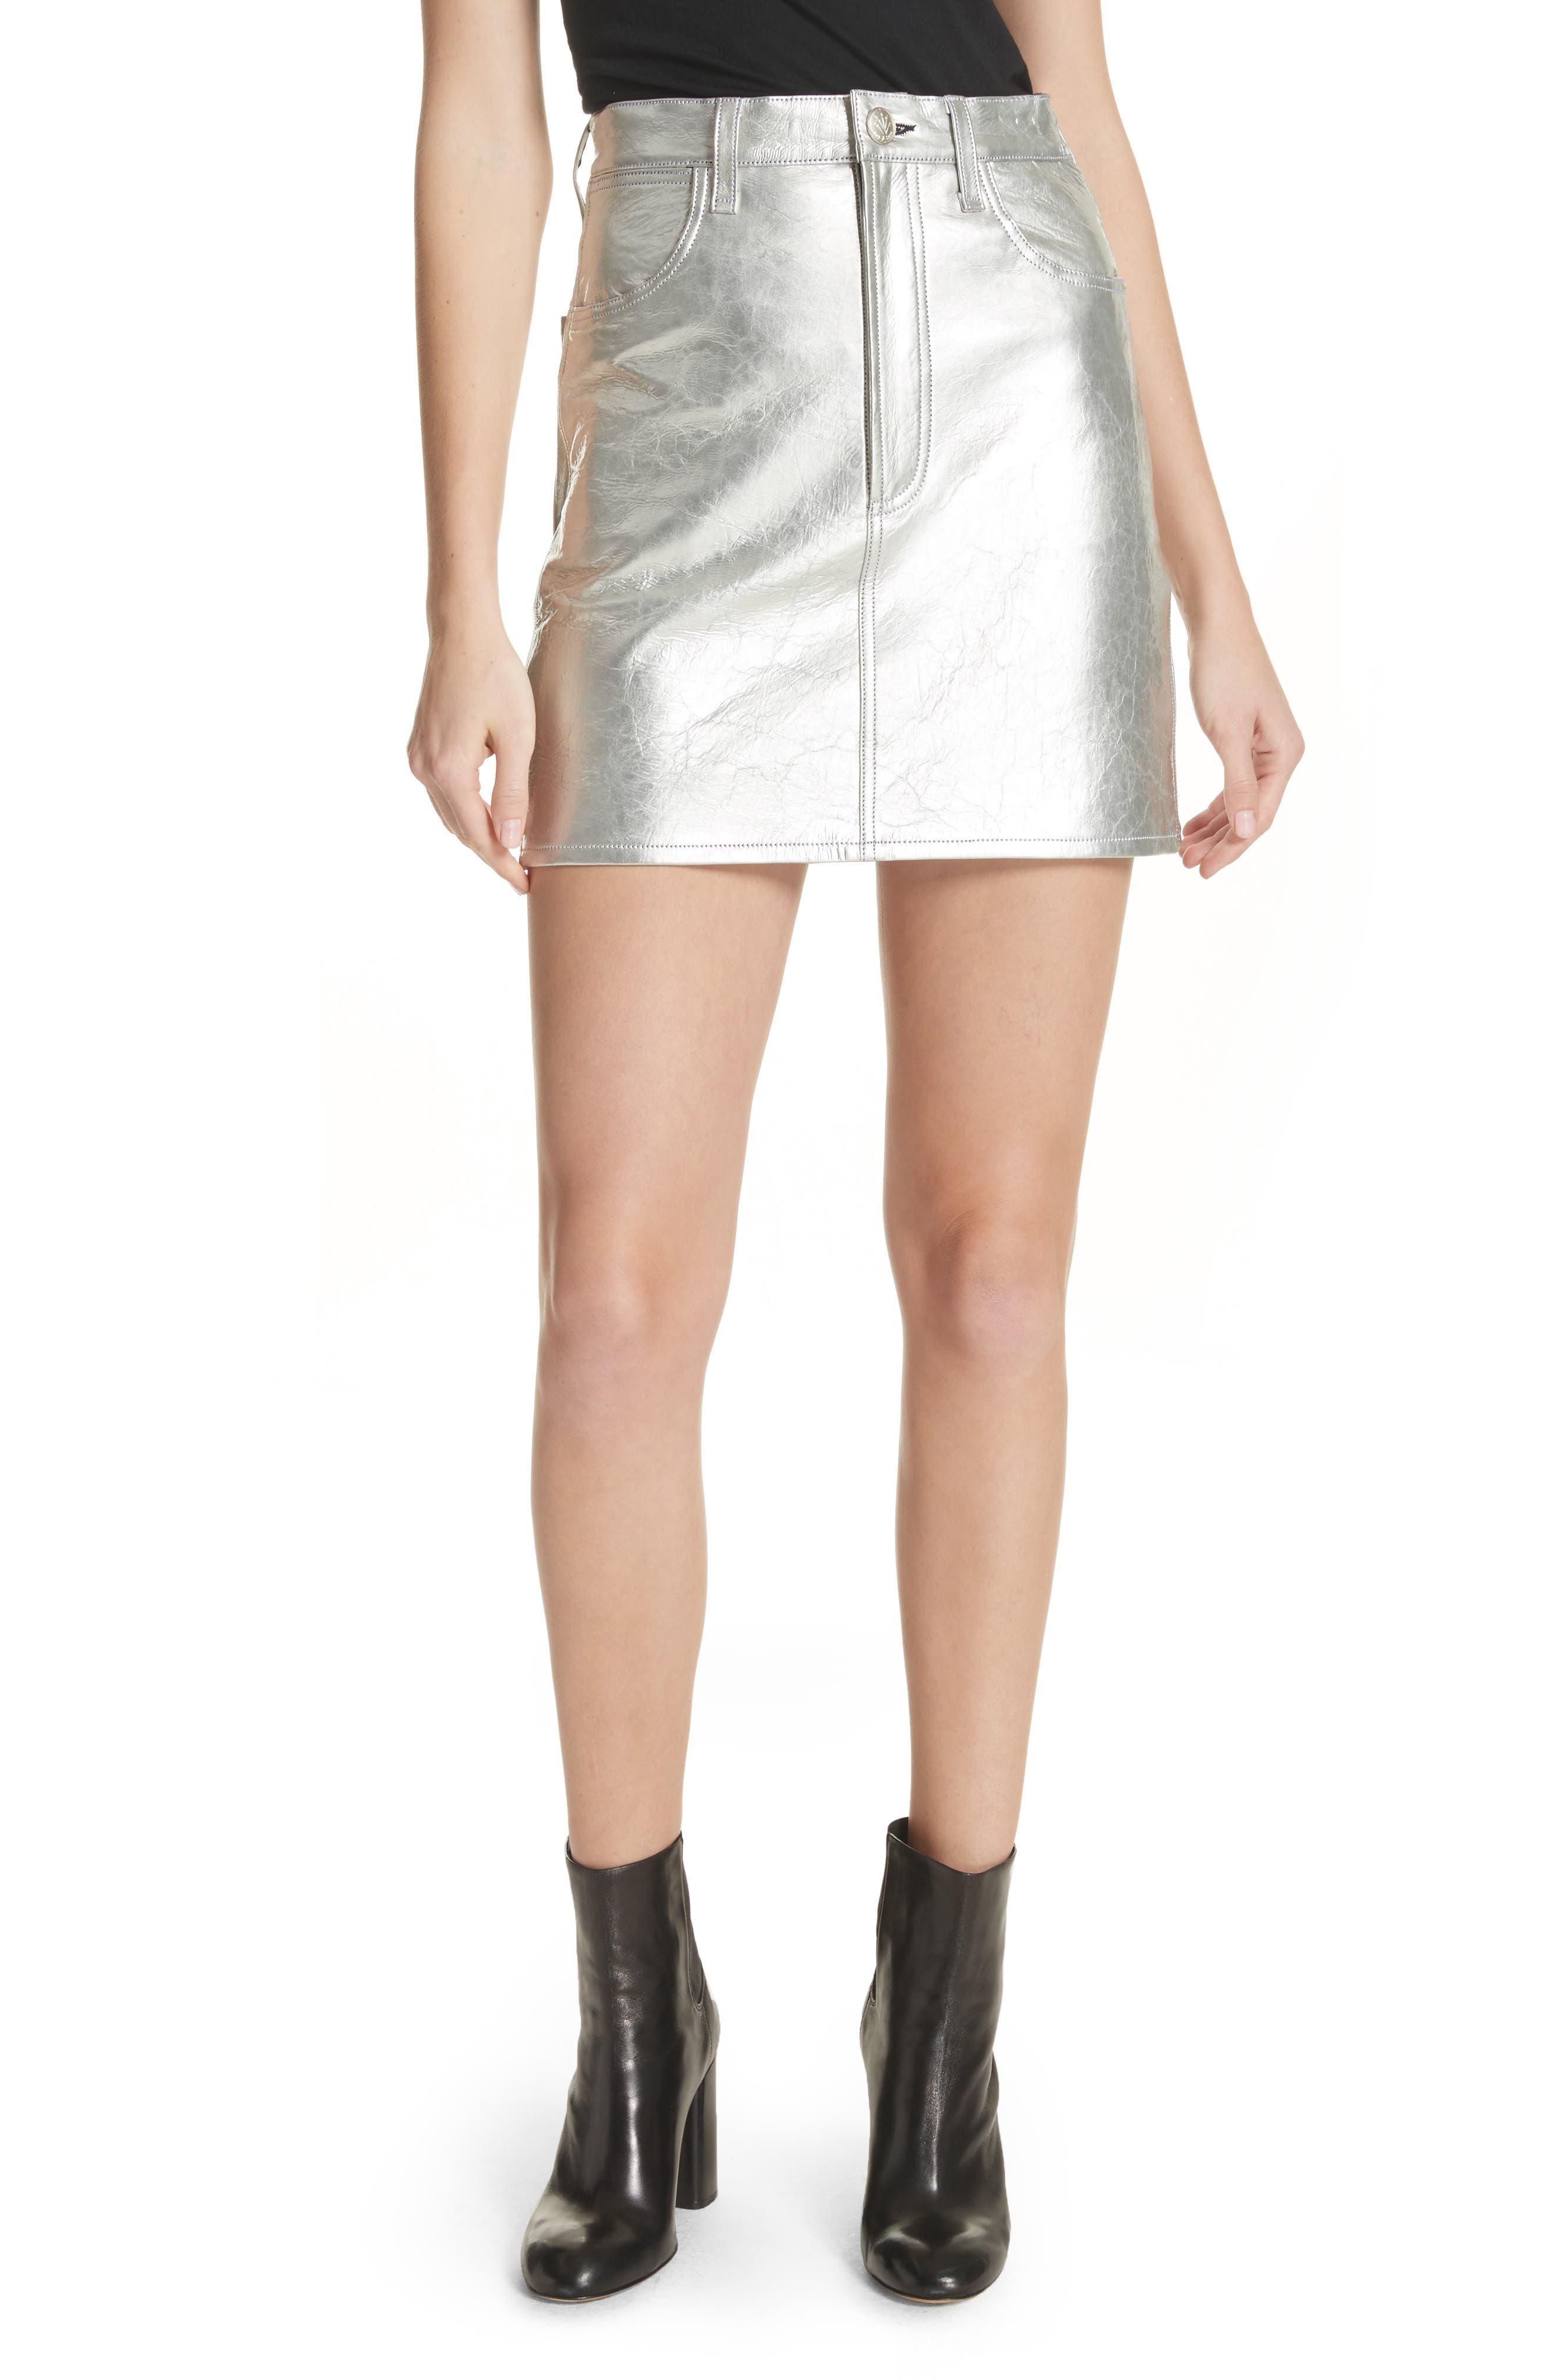 Moss High Waist Leather Miniskirt,                         Main,                         color, Metallic